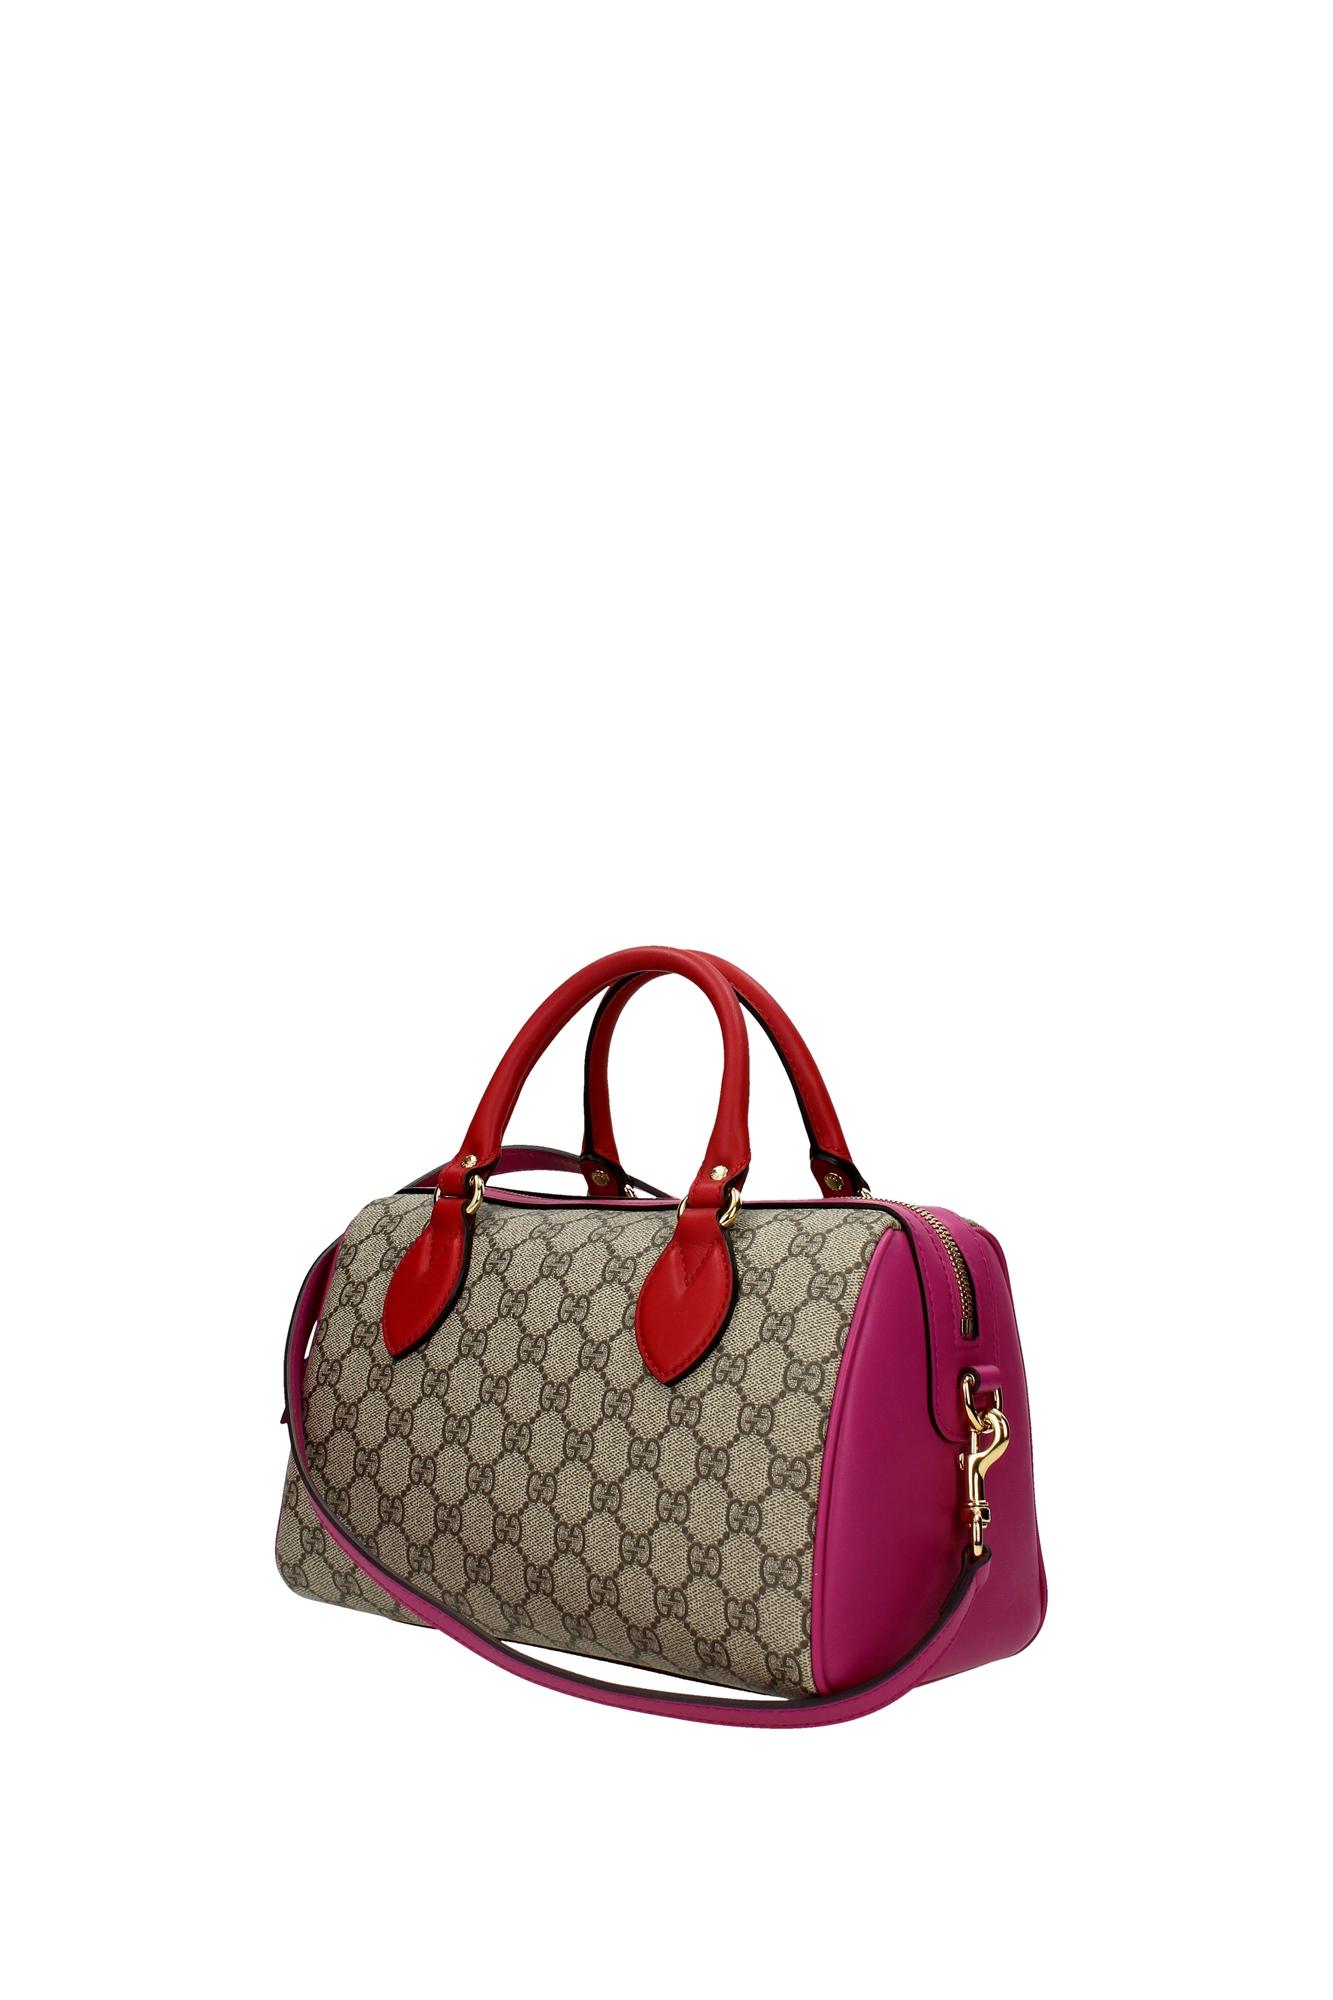 Bowling Bags Gucci Women Fabric Beige 4095299784 | EBay